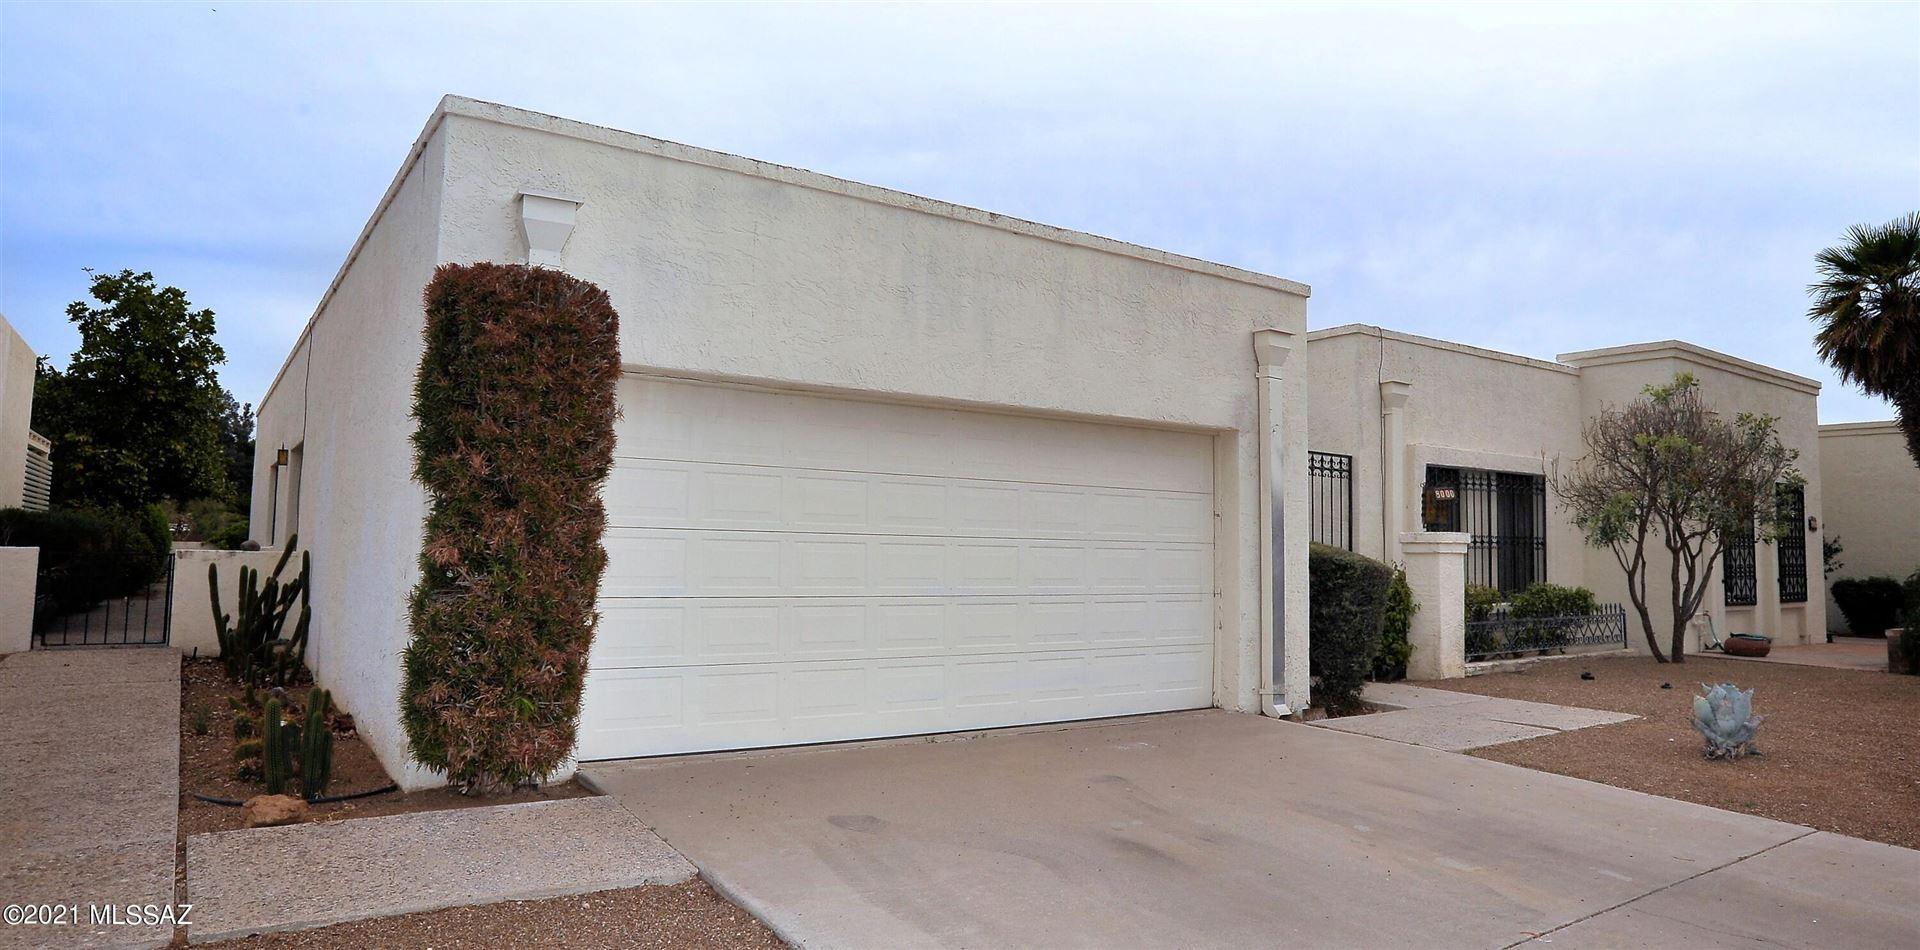 8000 N Casas Cameo, Tucson, AZ 85741 - MLS#: 22108401